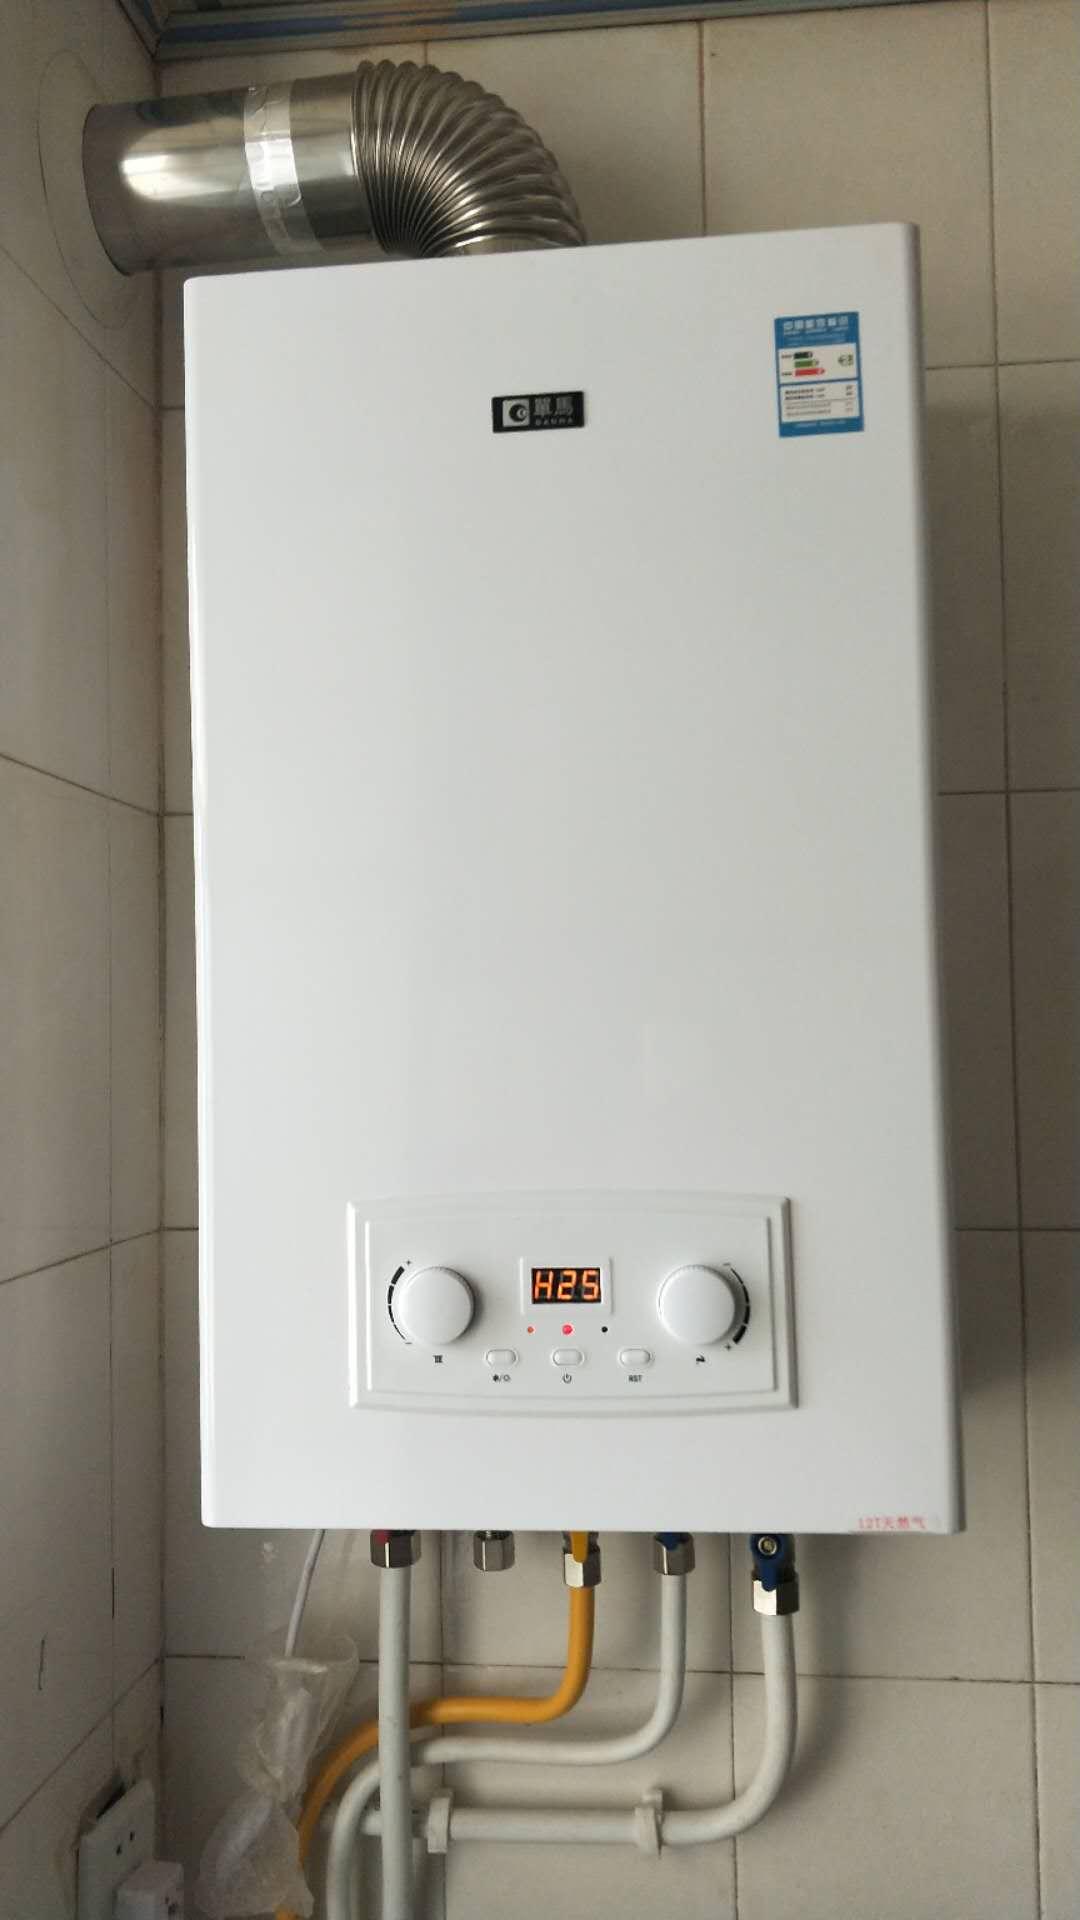 单马燃气壁挂炉安装调试现场